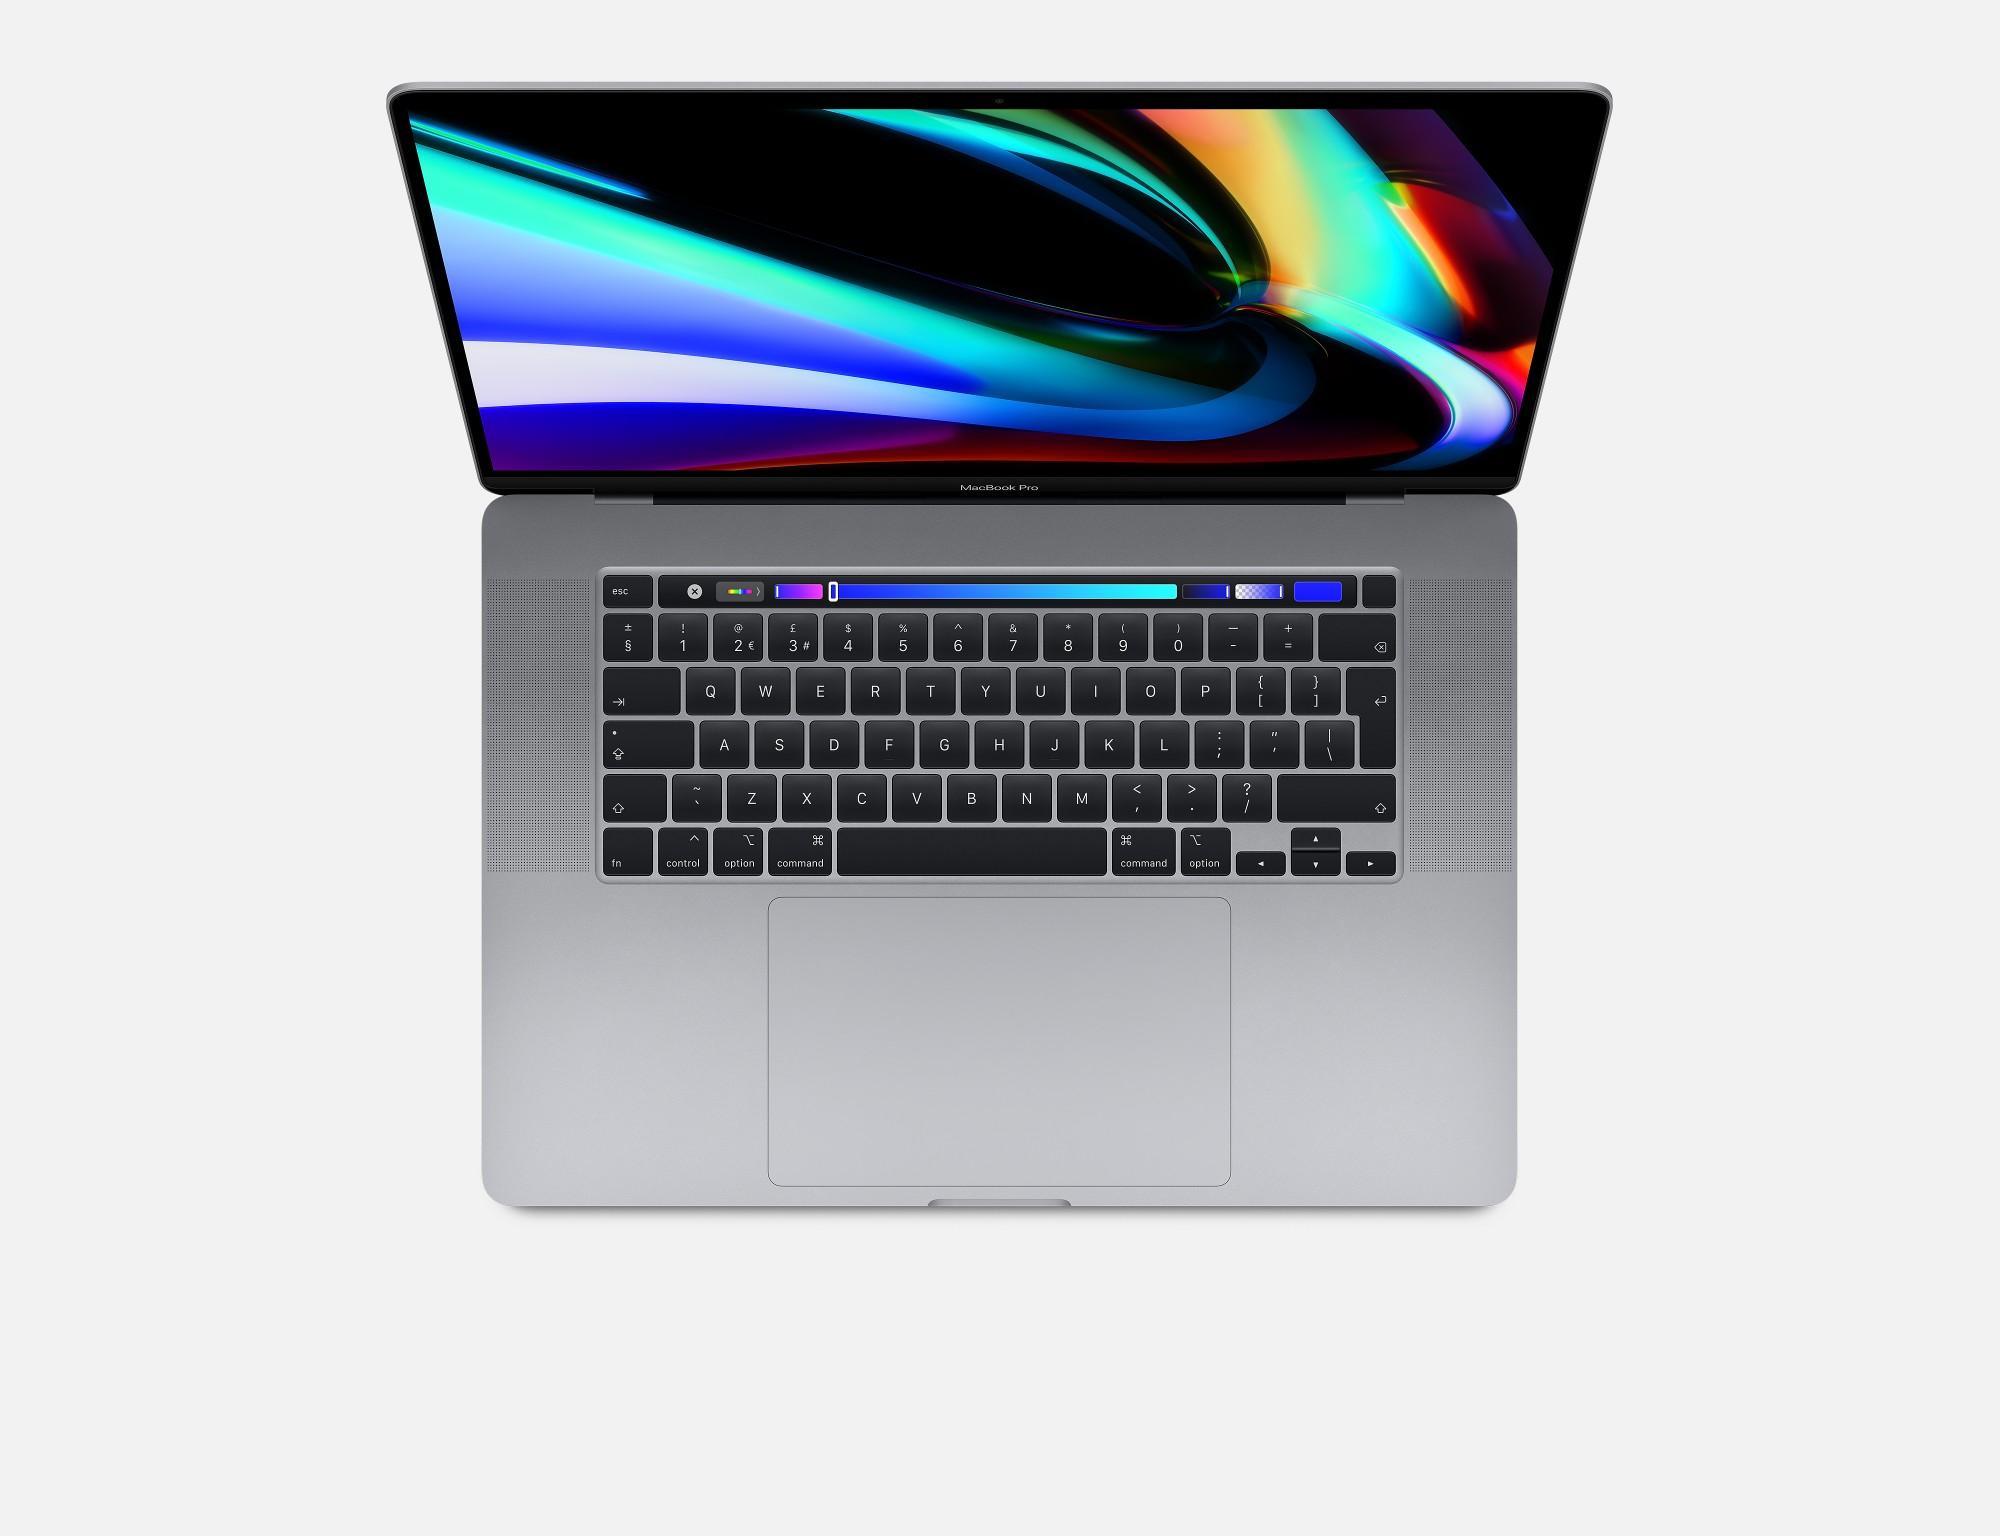 """Apple MacBook Pro Notebook Grey 40.6 cm (16"""") 3072 x 1920 pixels 9th gen Intel® Core™ i7 16 GB DDR4-SDRAM 512 GB SSD AMD Radeon Pro 5300M Wi-Fi 5 (802.11ac) macOS Catalina"""